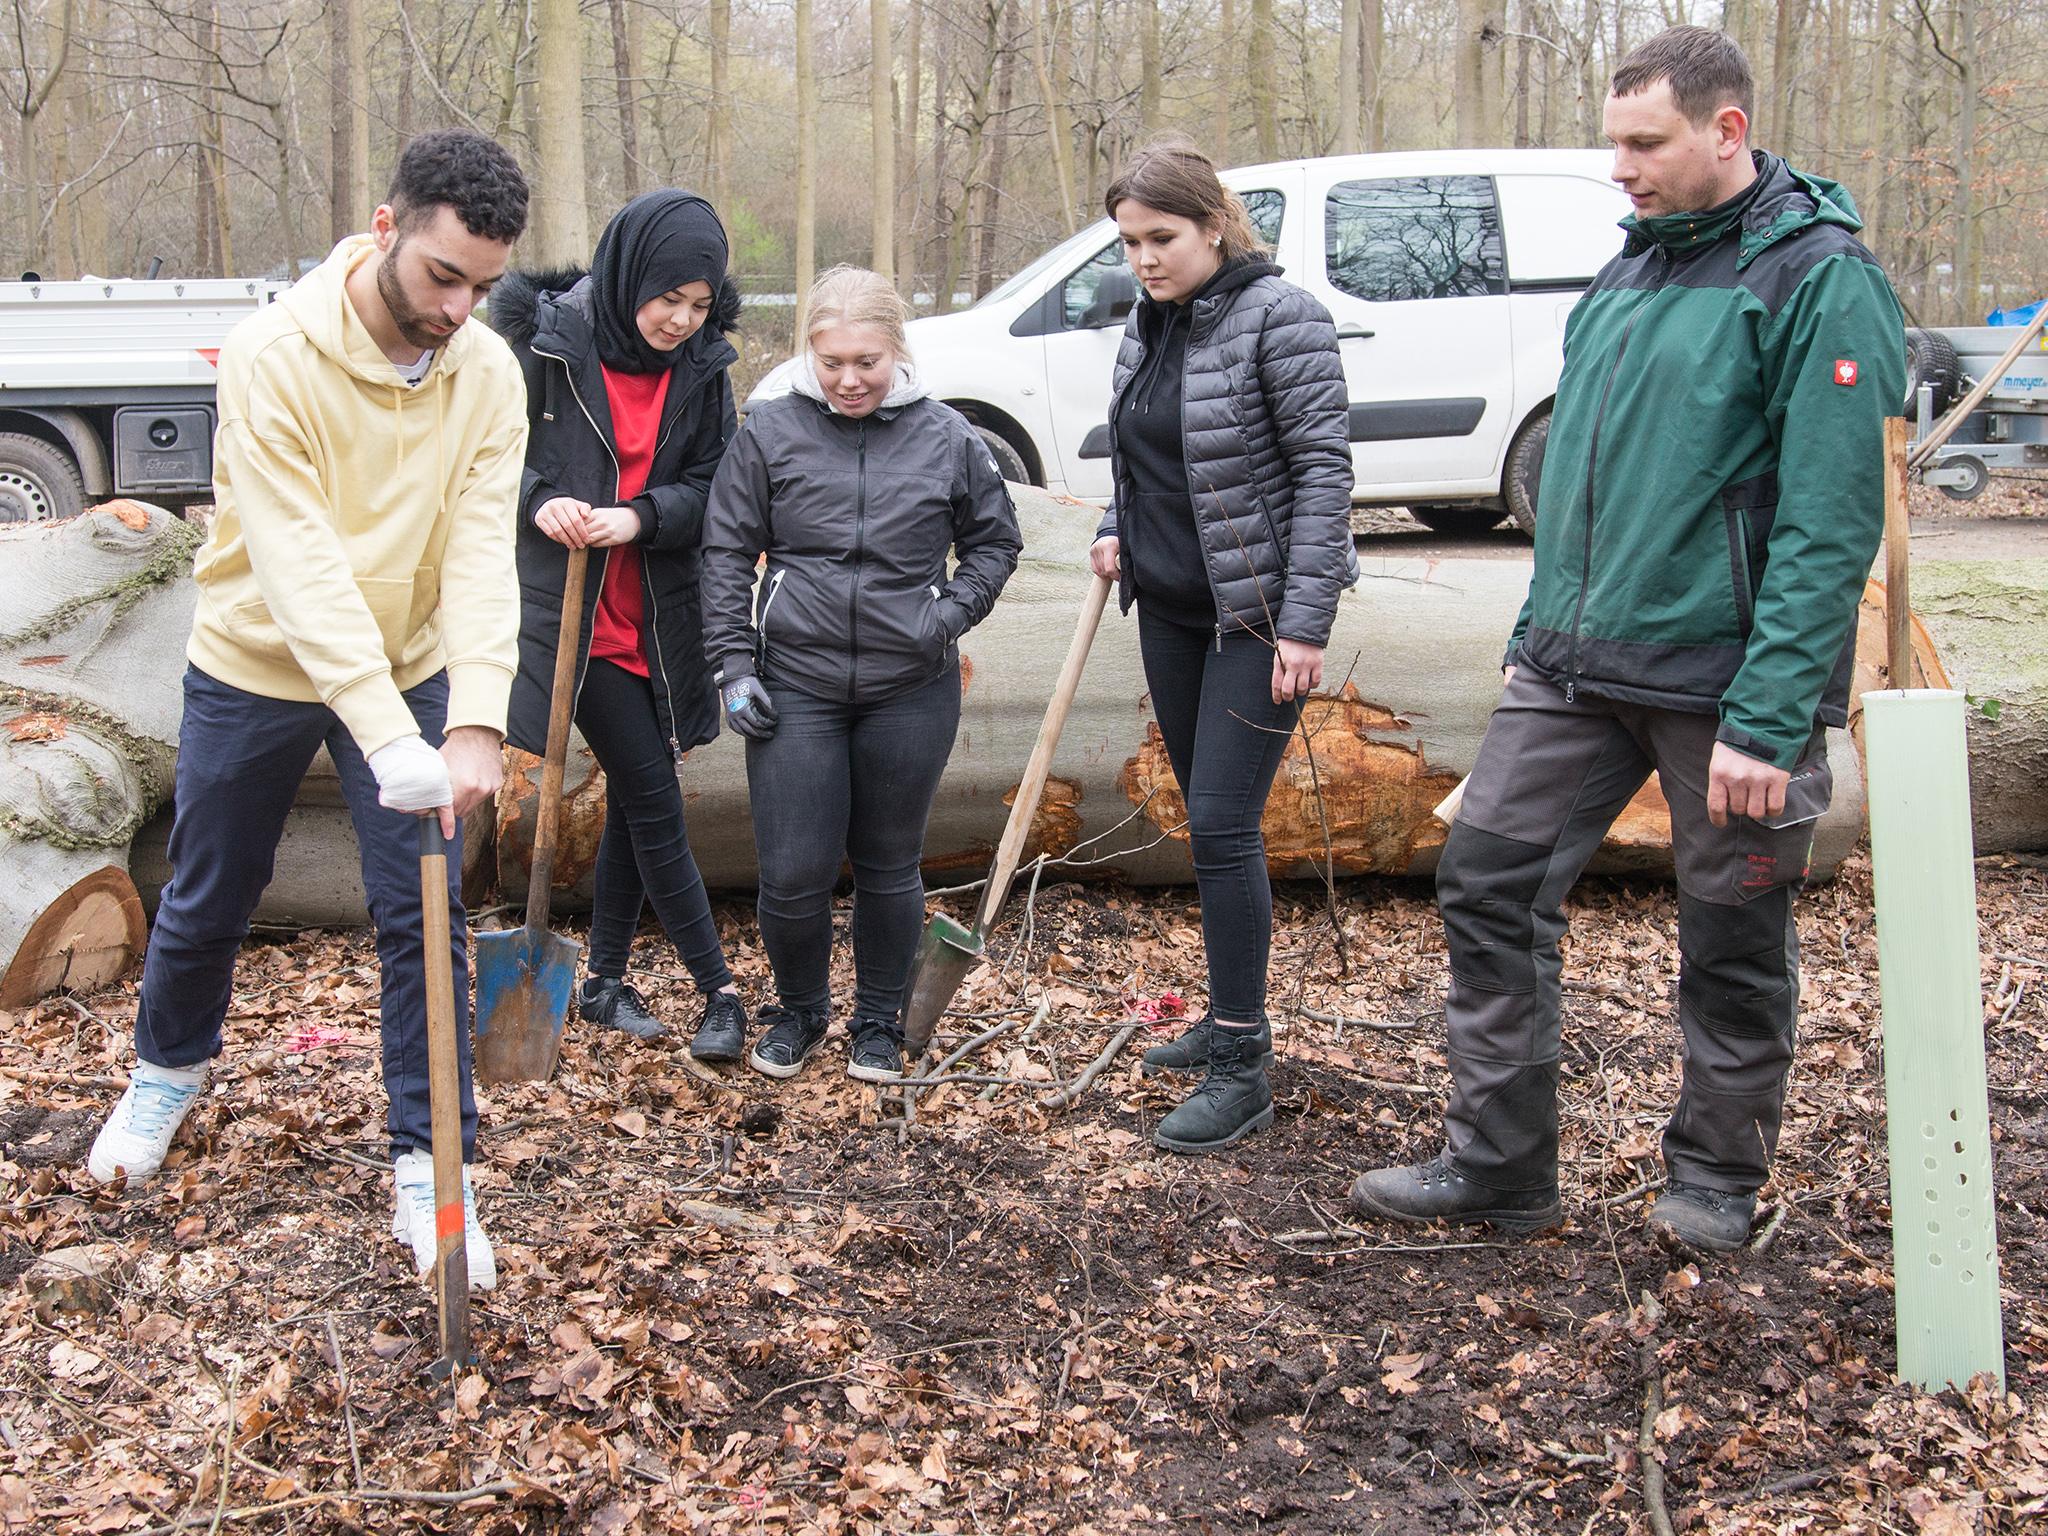 Fünf Personen bei einer Baumpflanzung